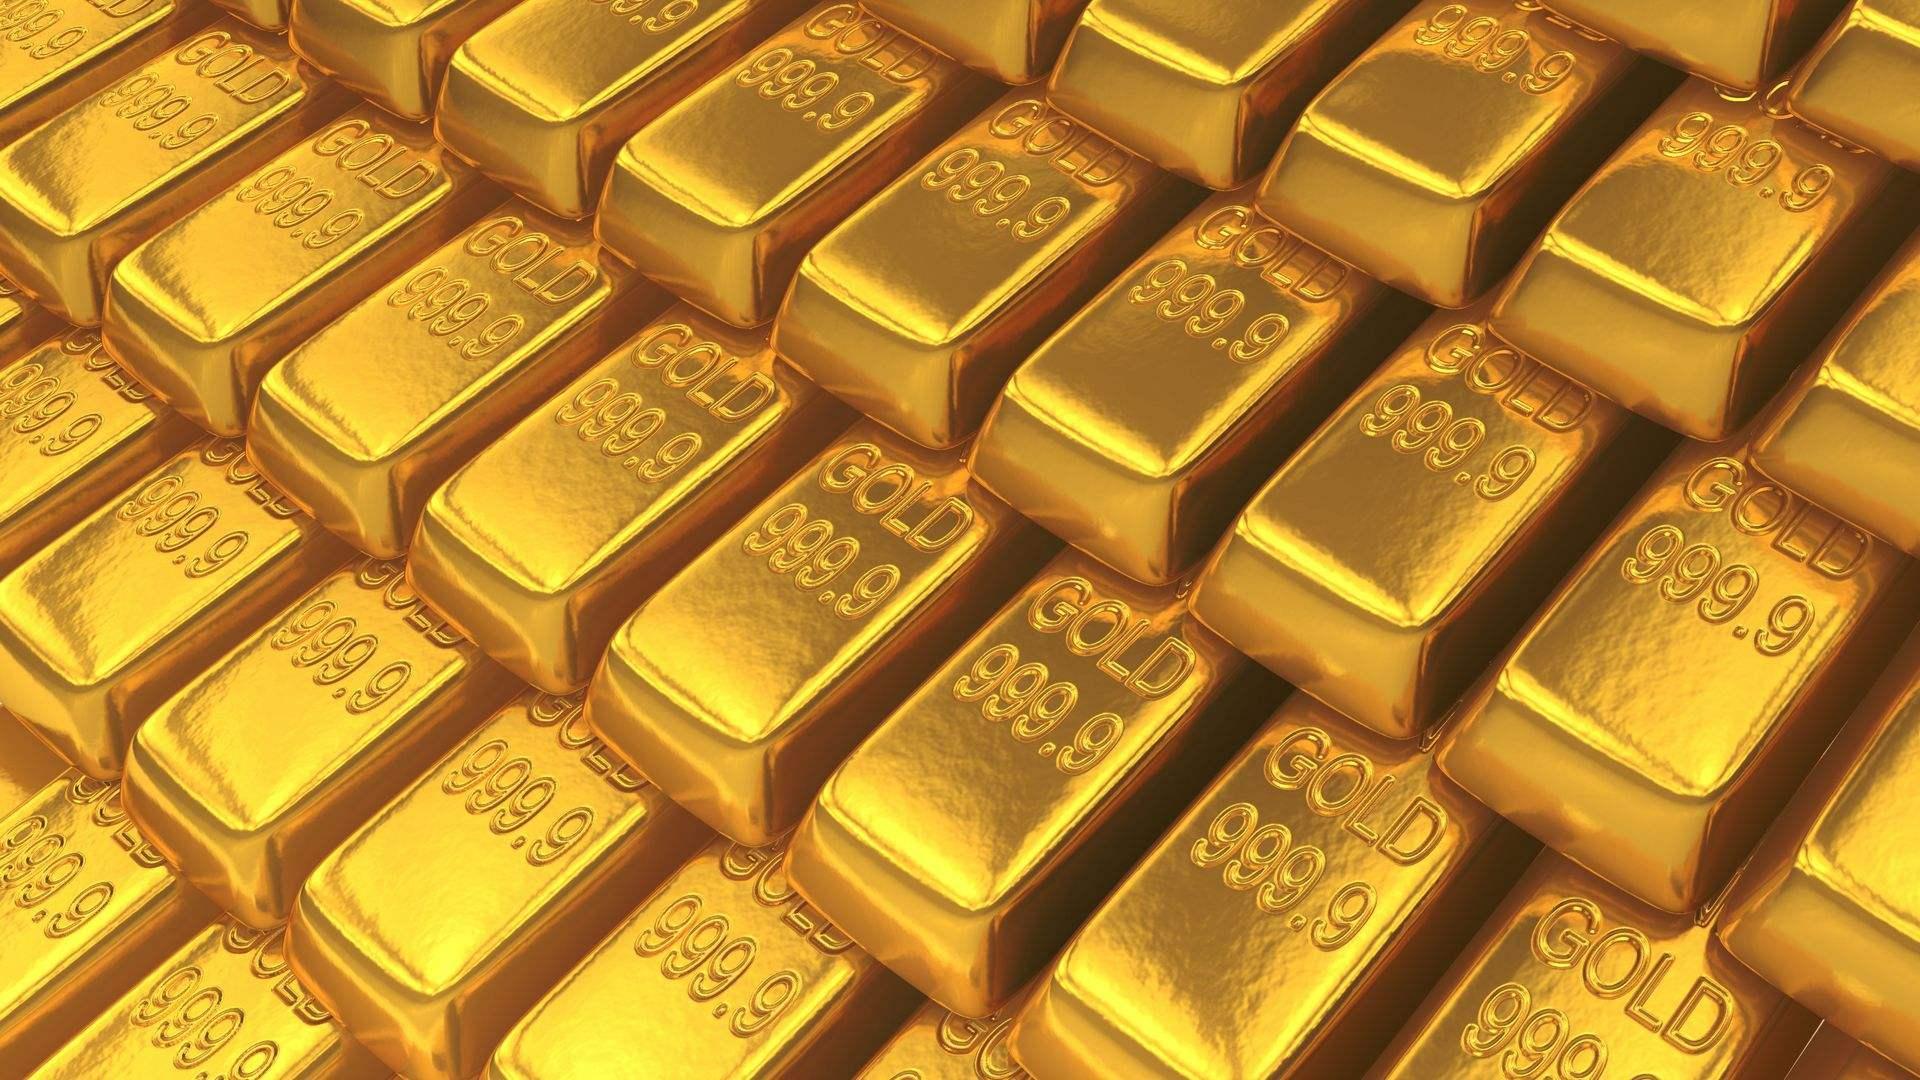 现货黄金触底回升 进一步延伸涨势